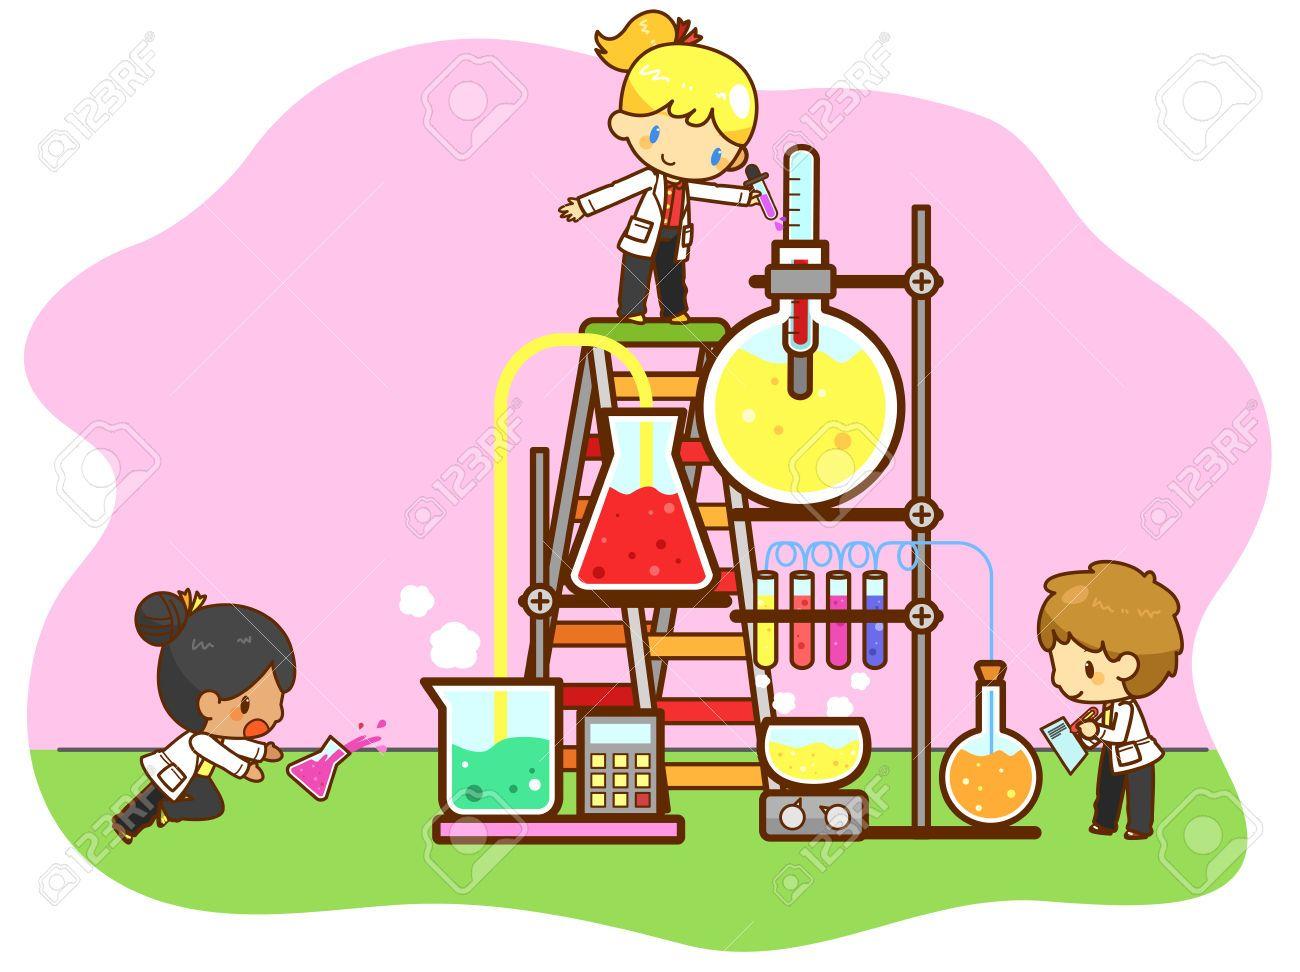 Dibujos Animados De Animales Estudiando: Los Niños De Dibujos Animados Están Estudiando Química